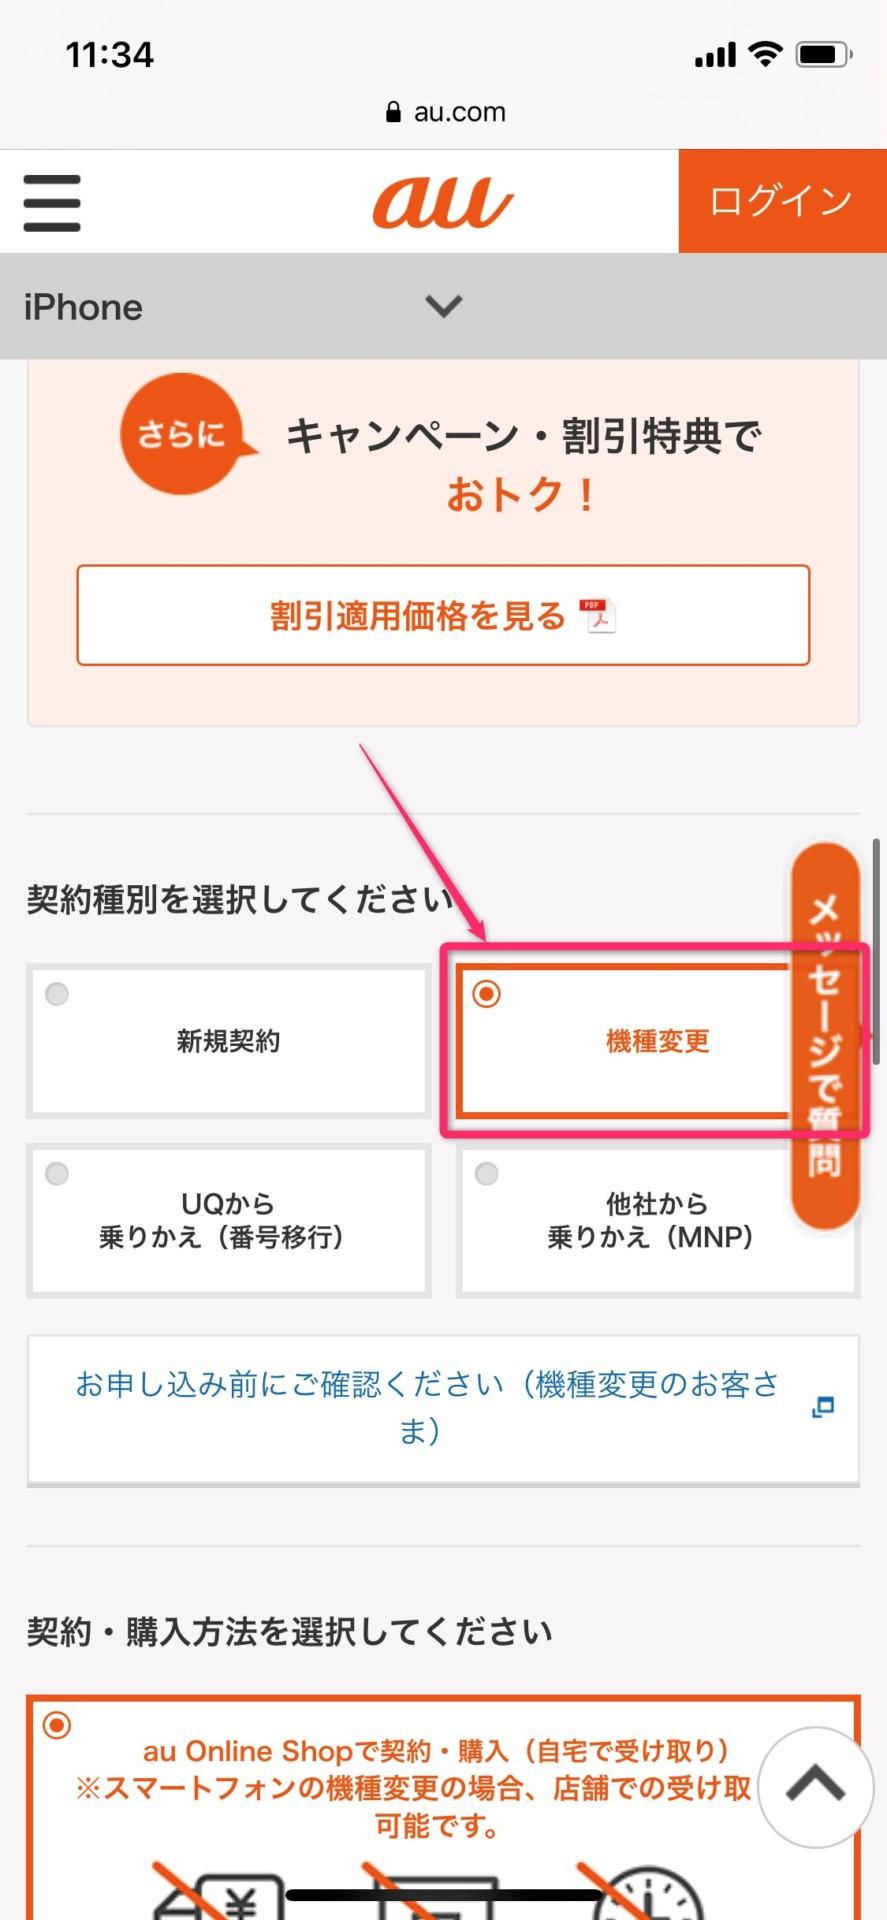 auオンラインショップ公式サイト 機種変更を選択